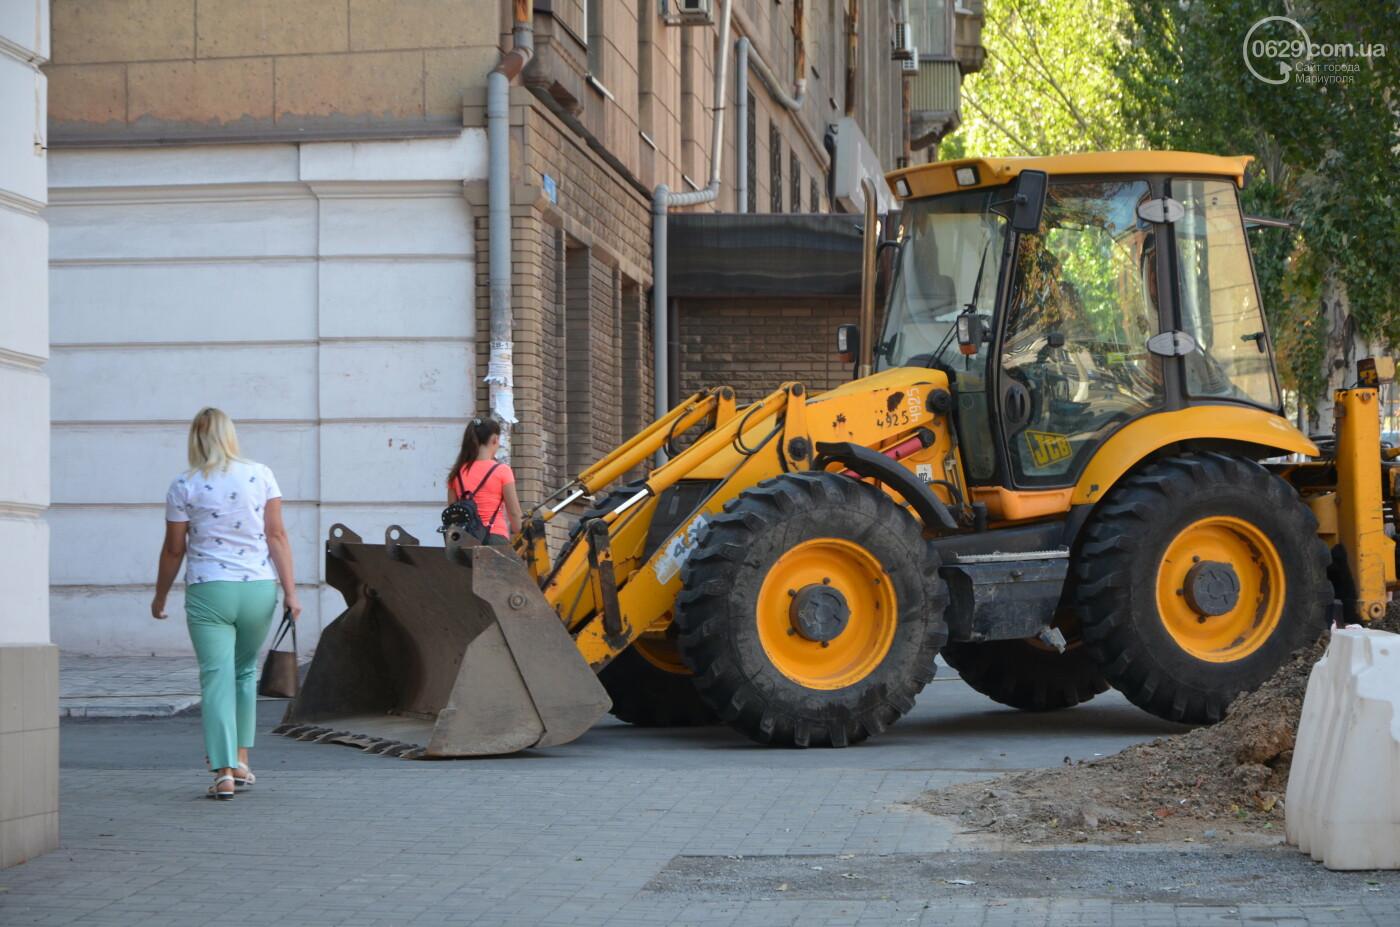 Перекопанный пр. Мира: в Мариуполе капитально ремонтируют центральную дорогу, - ФОТОРЕПОРТАЖ, фото-2